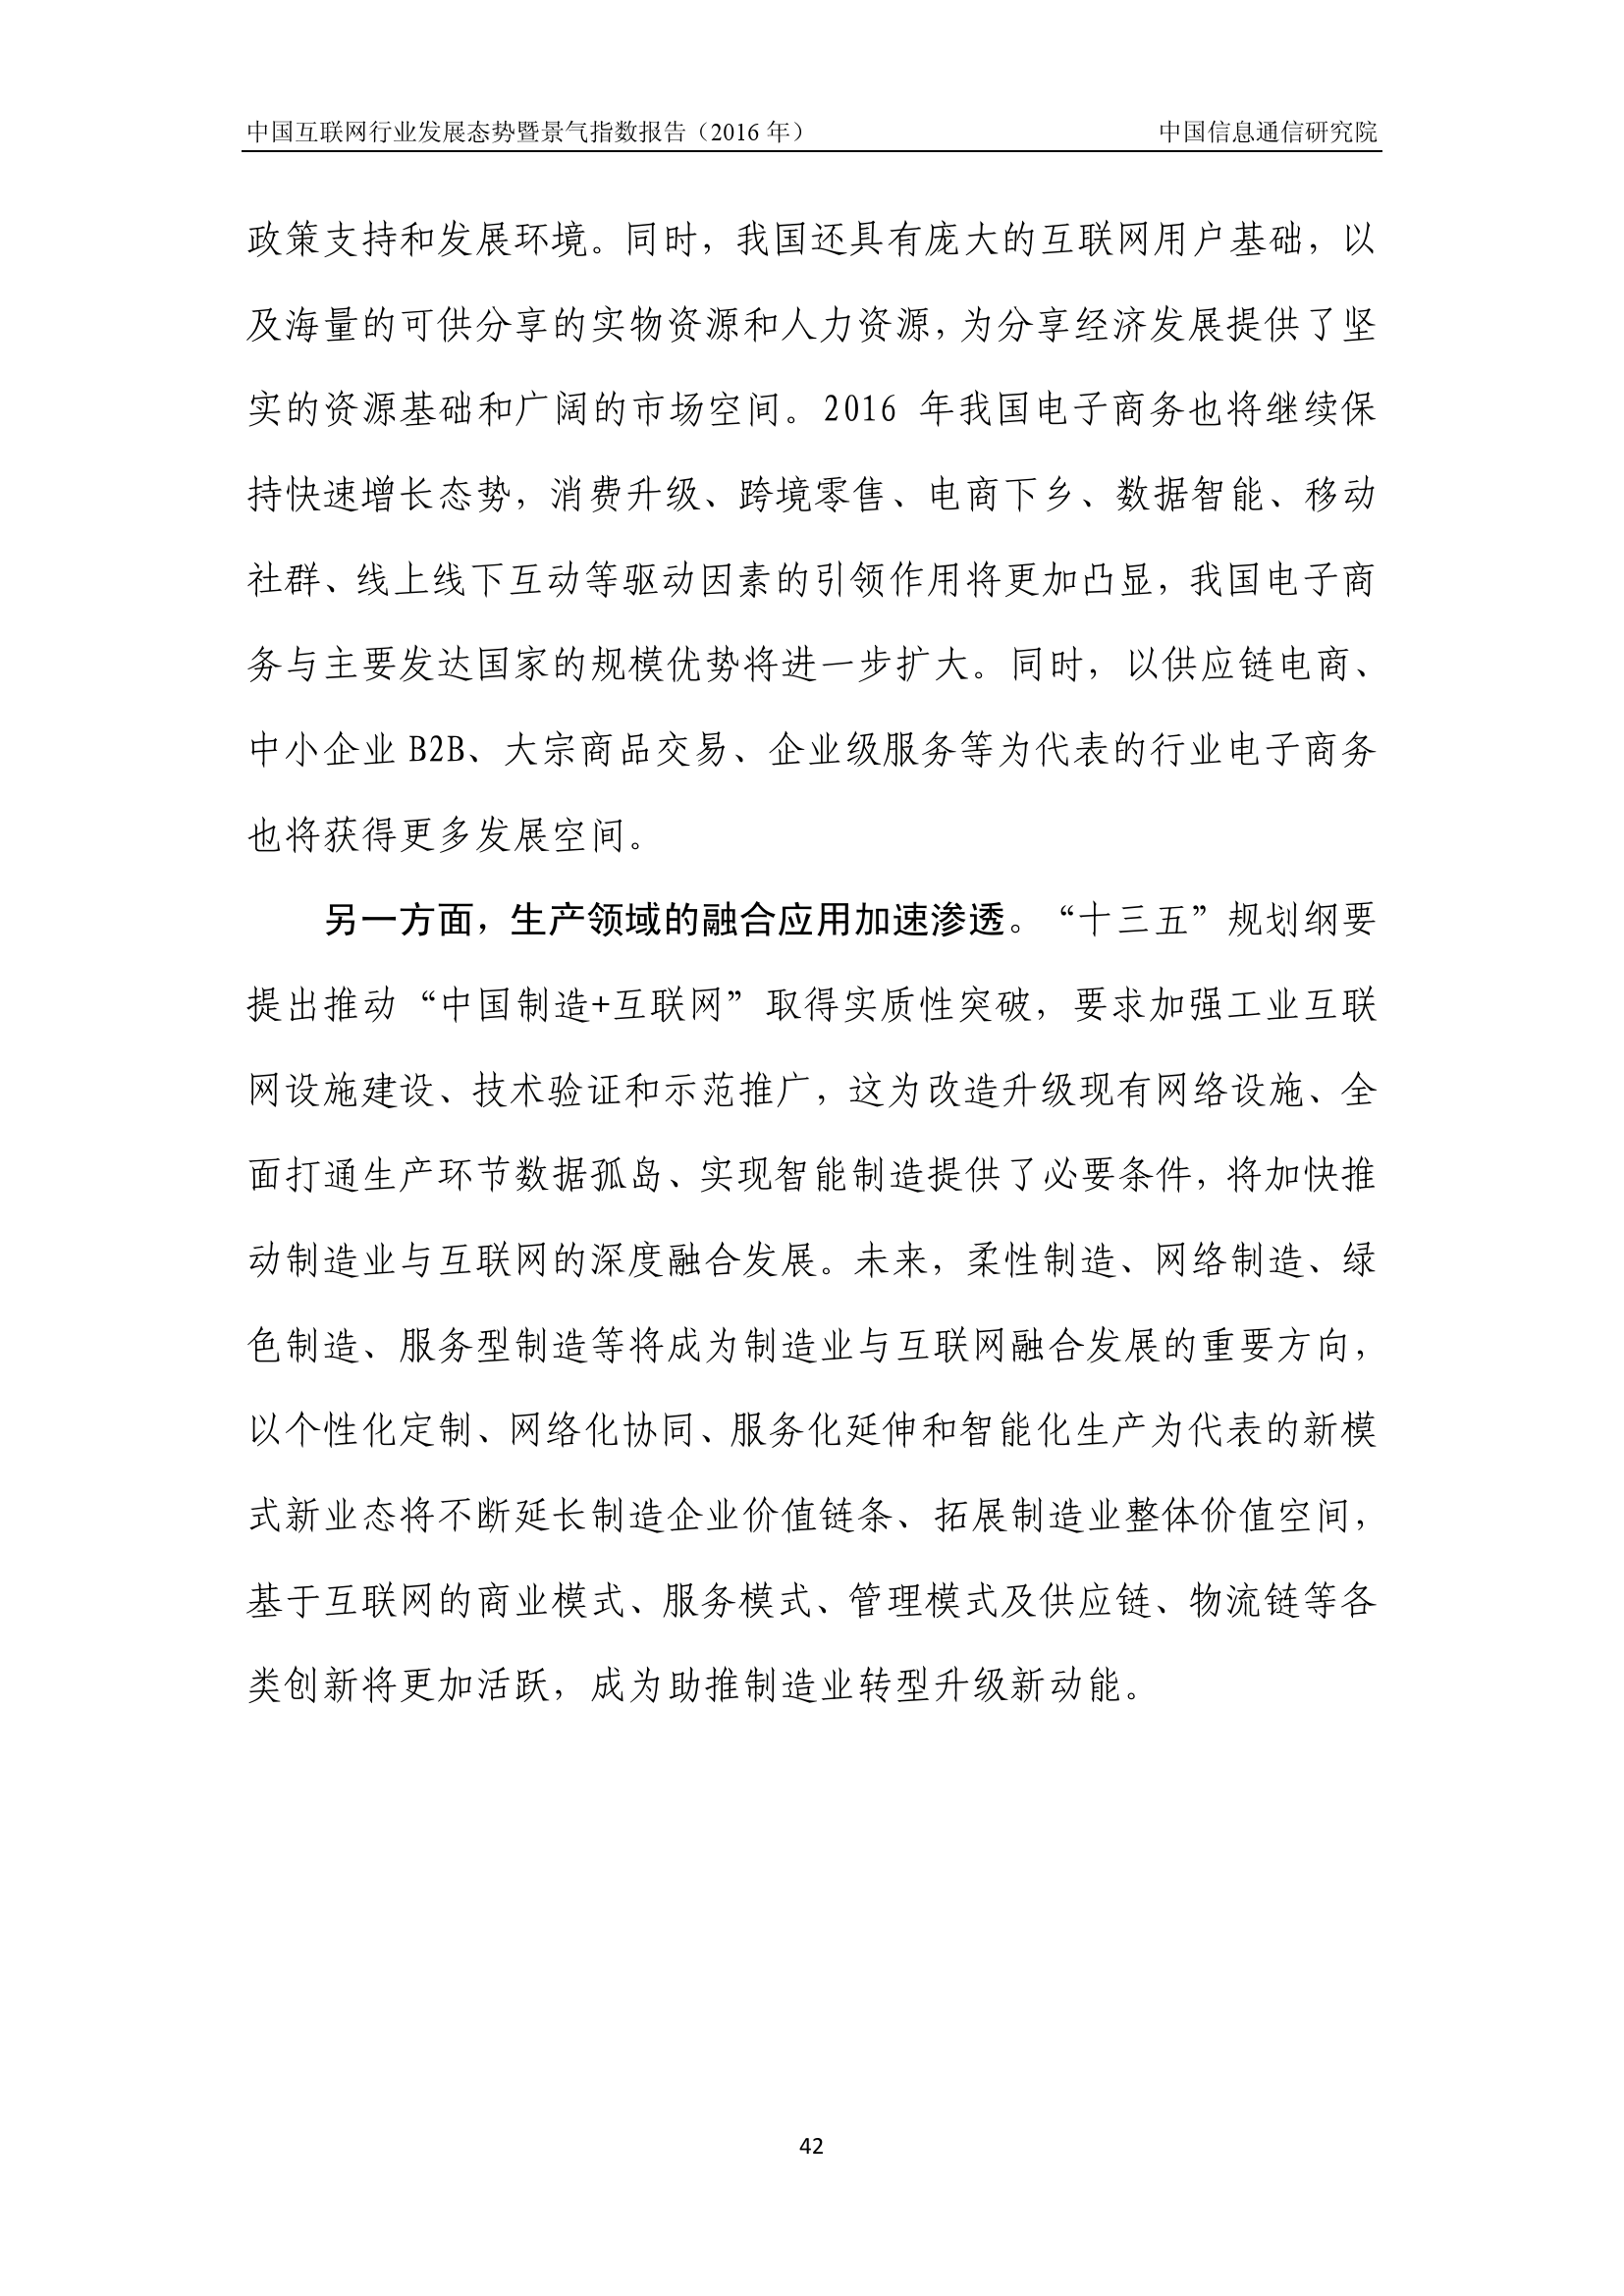 2016年中国互联网行业发展态势暨景气指数报告_000046